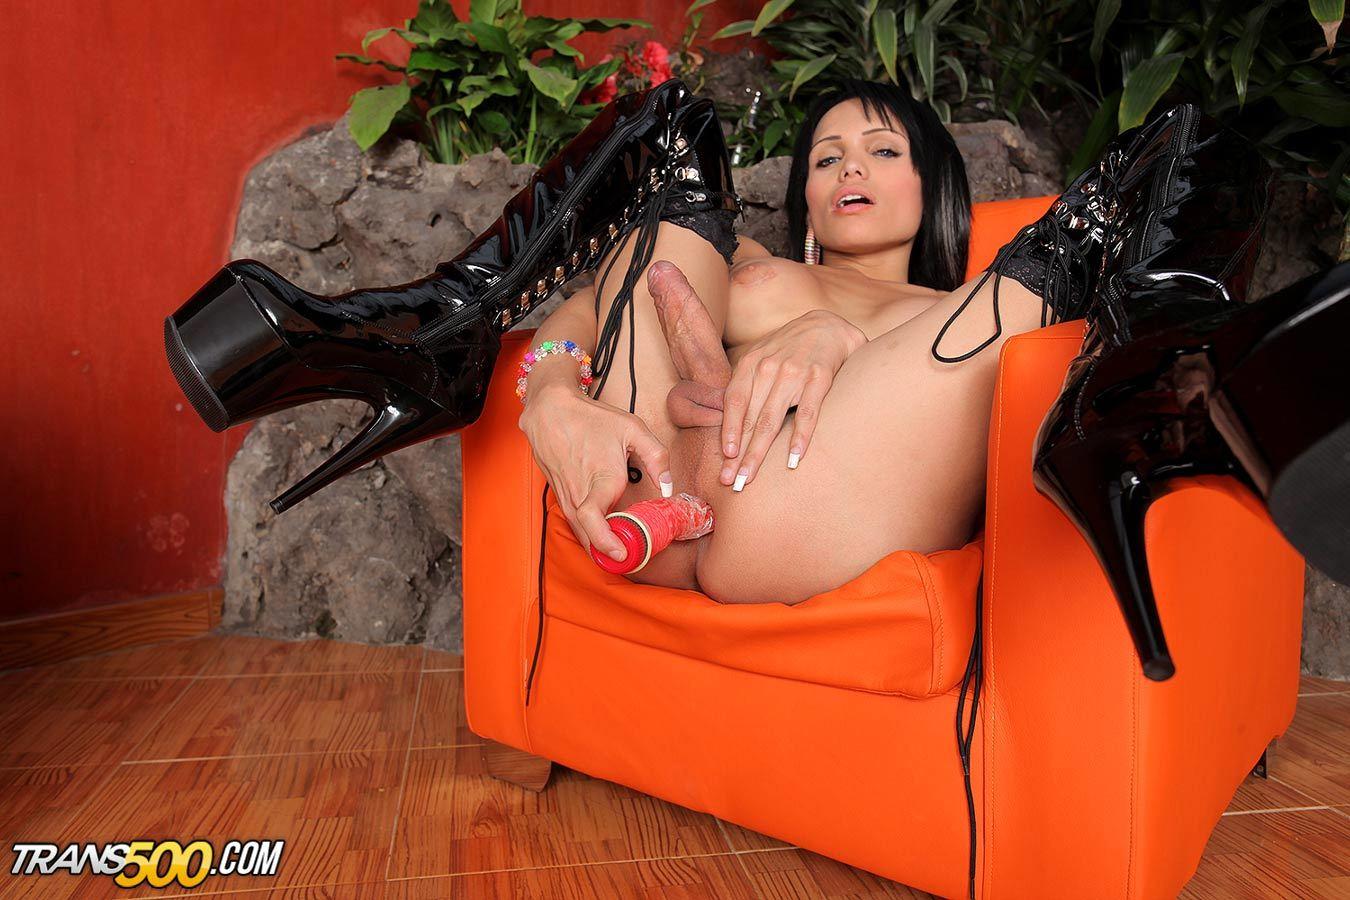 The Seductive Latina TGirl Sofia Obregon Toys Her Juicy Lusciou